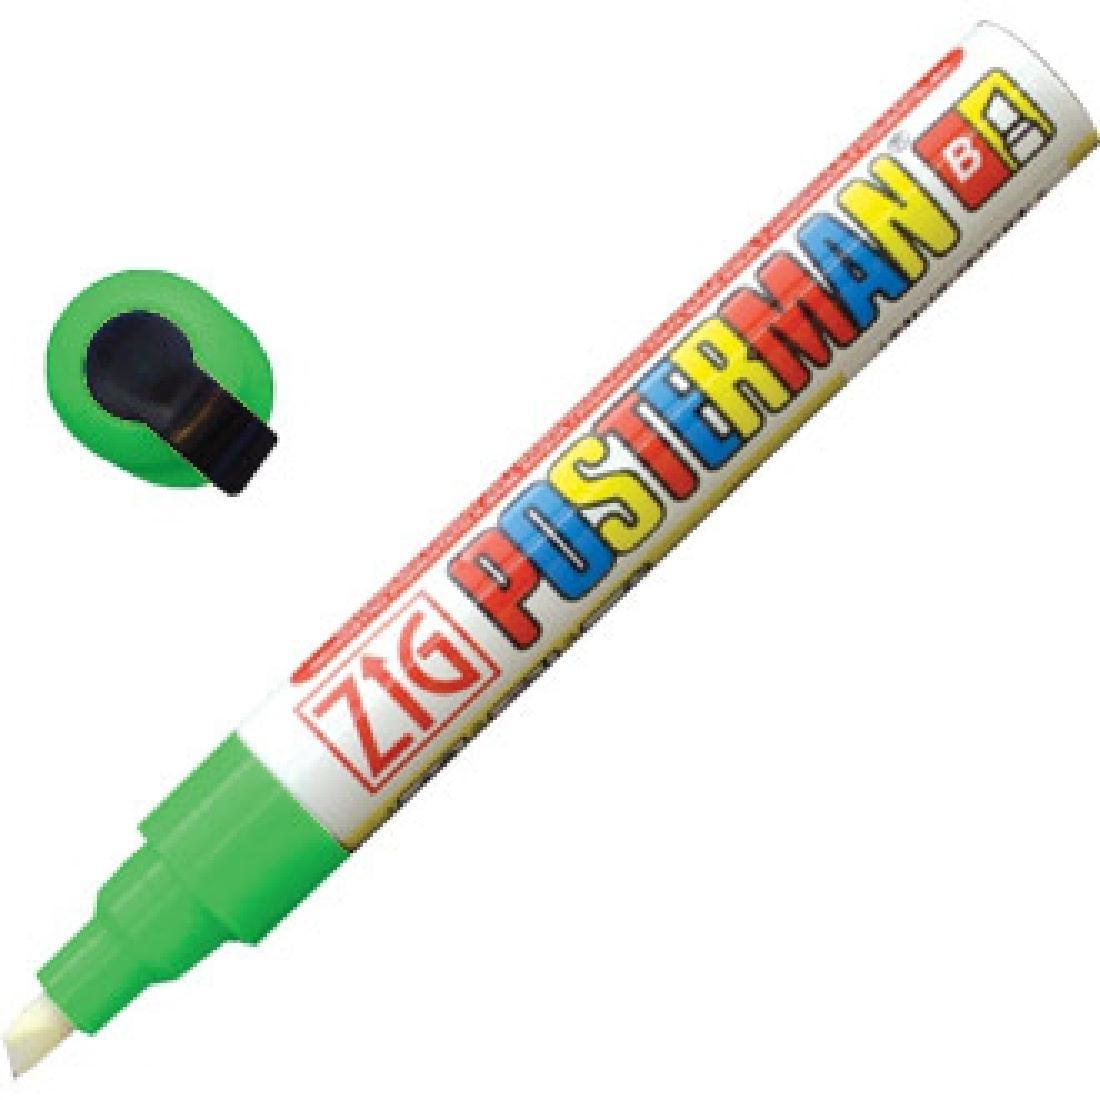 Marqueur craie tous temps Securit Zig Posterman 6mm vert